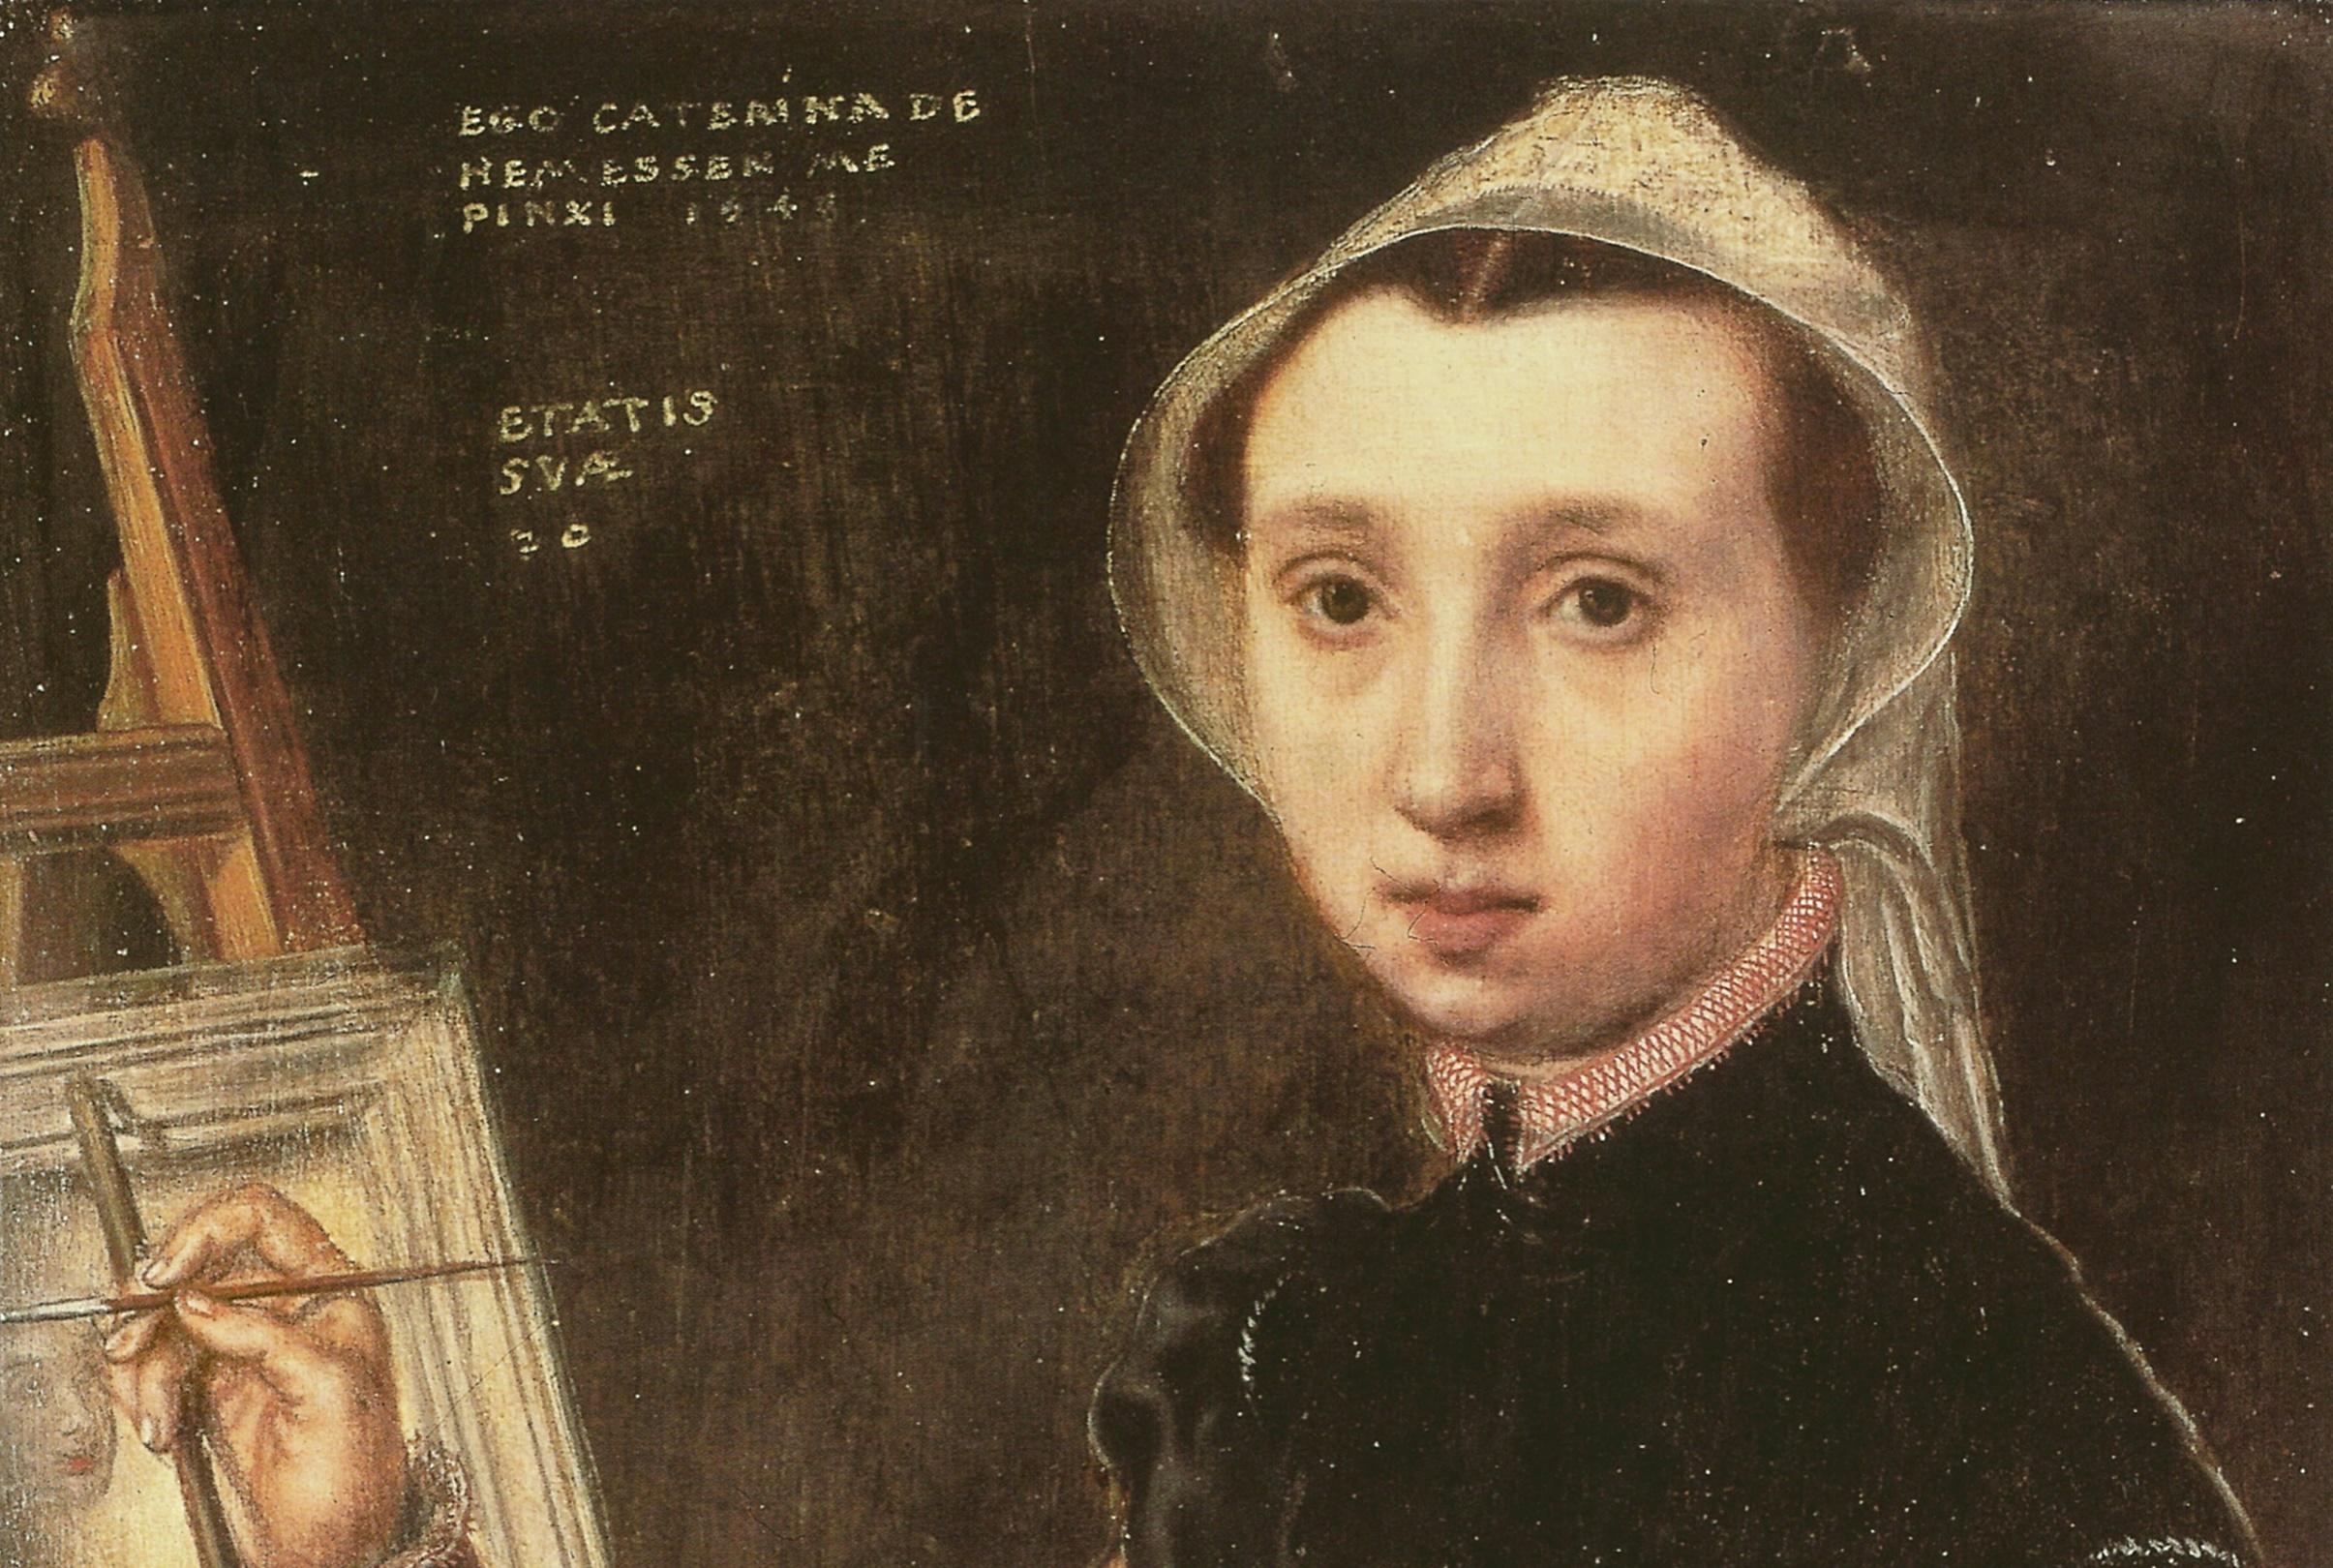 Caterina van Hemessen